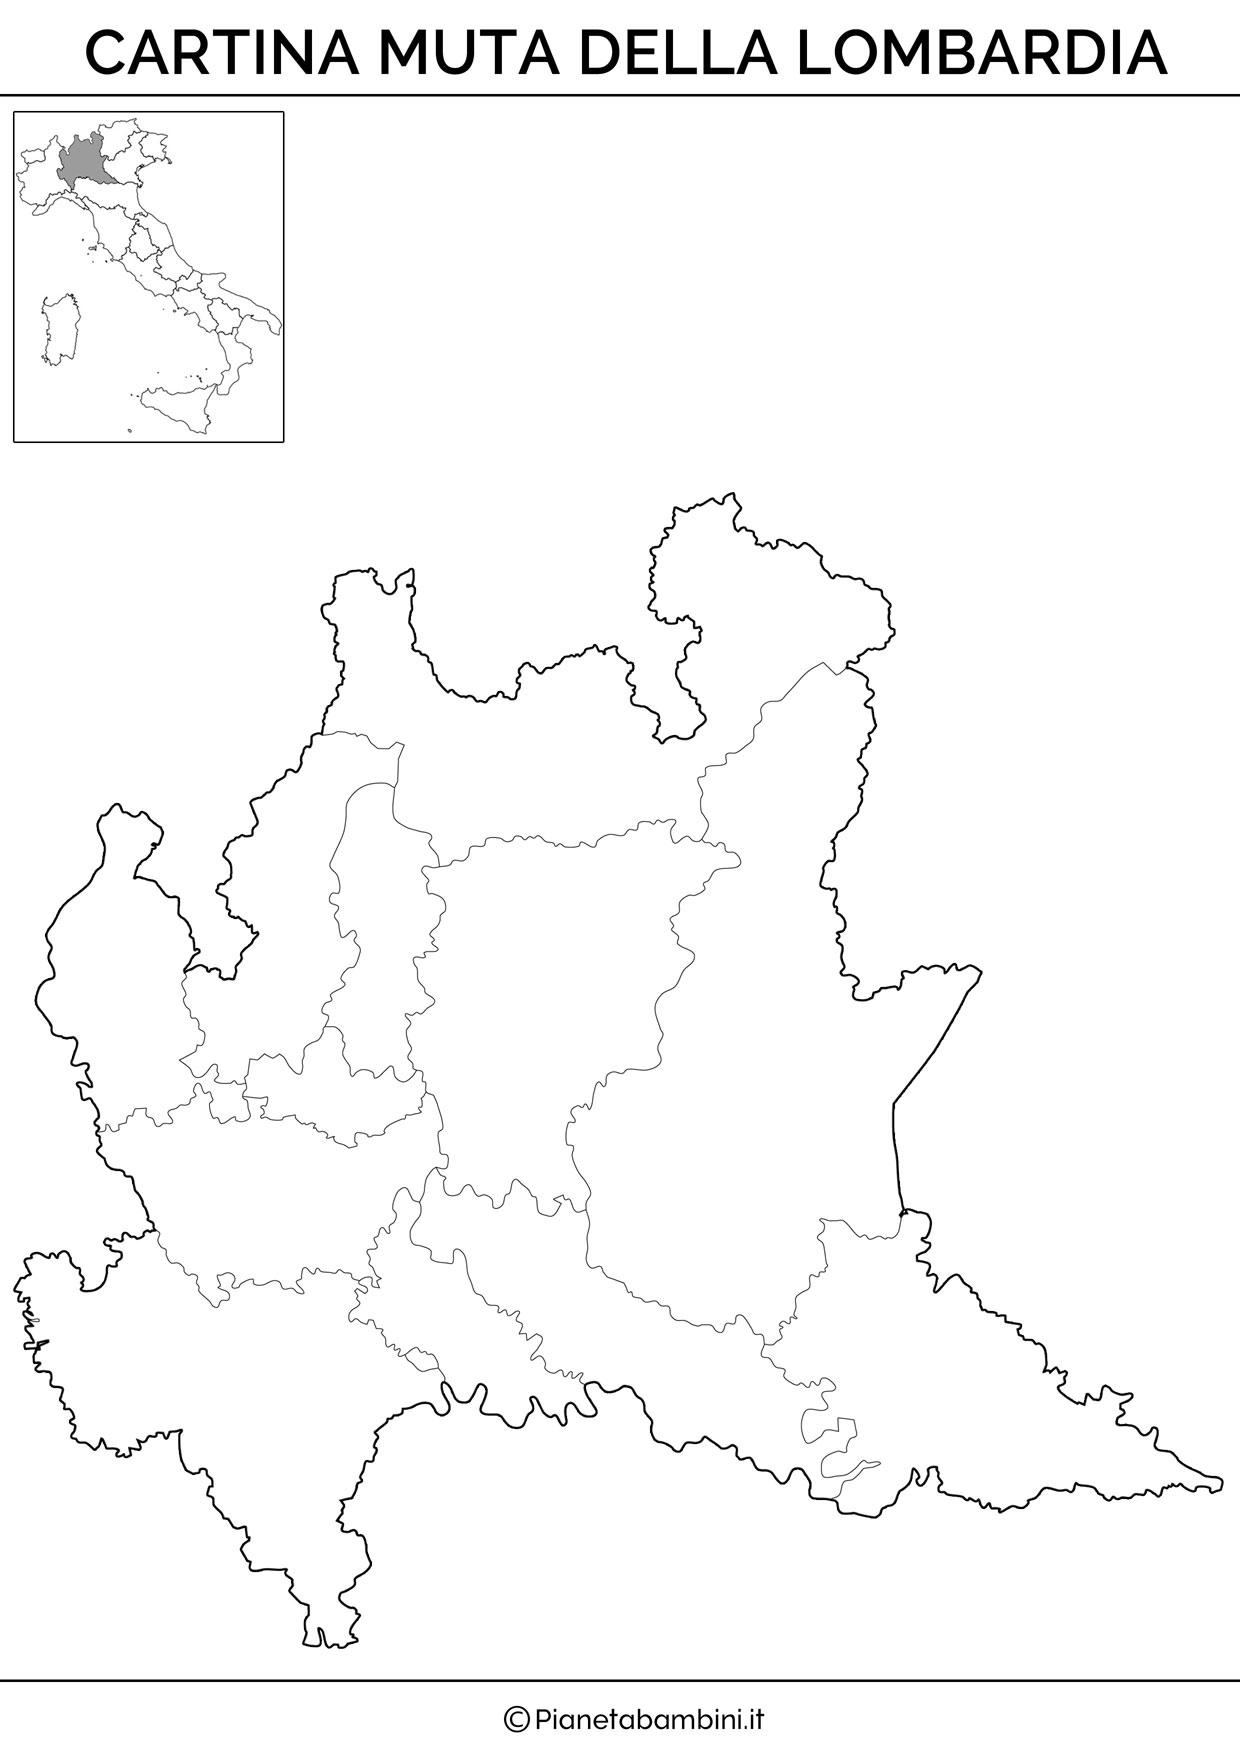 Cartina Muta Piemonte.Cartina Muta Fisica E Politica Della Lombardia Da Stampare